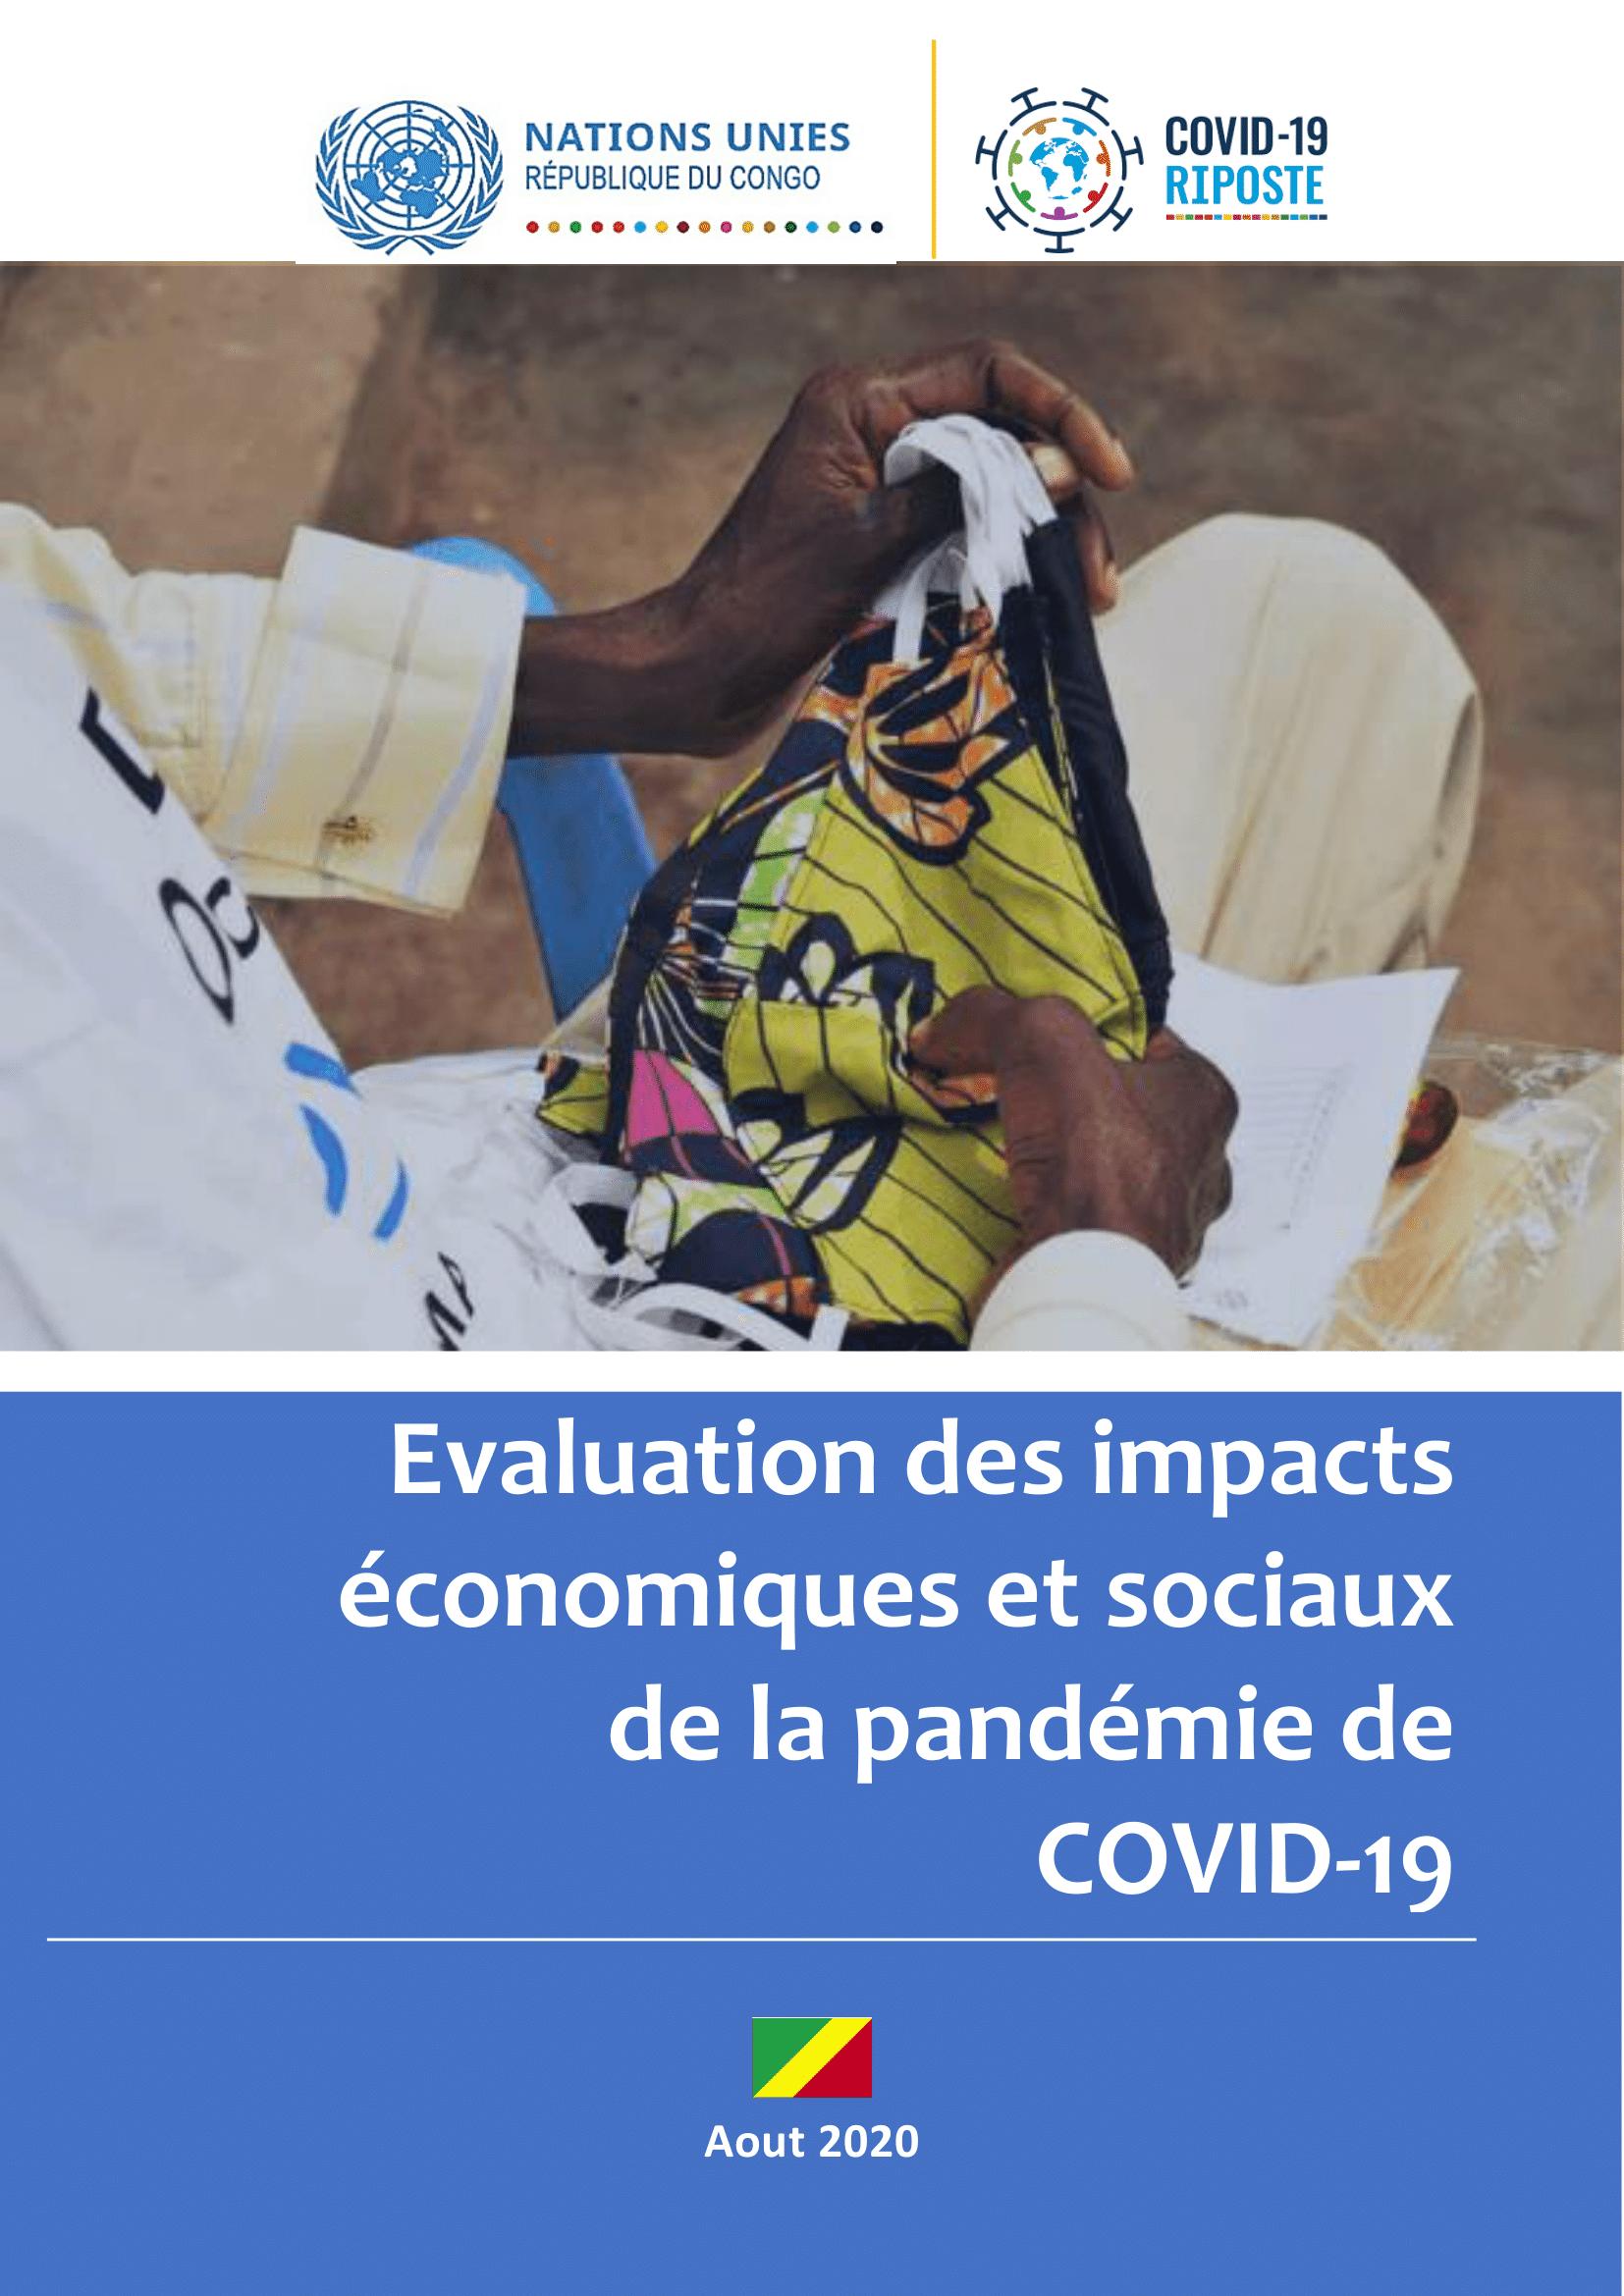 Evaluation des impacts socioéconomiques de la pandémie COVID-19